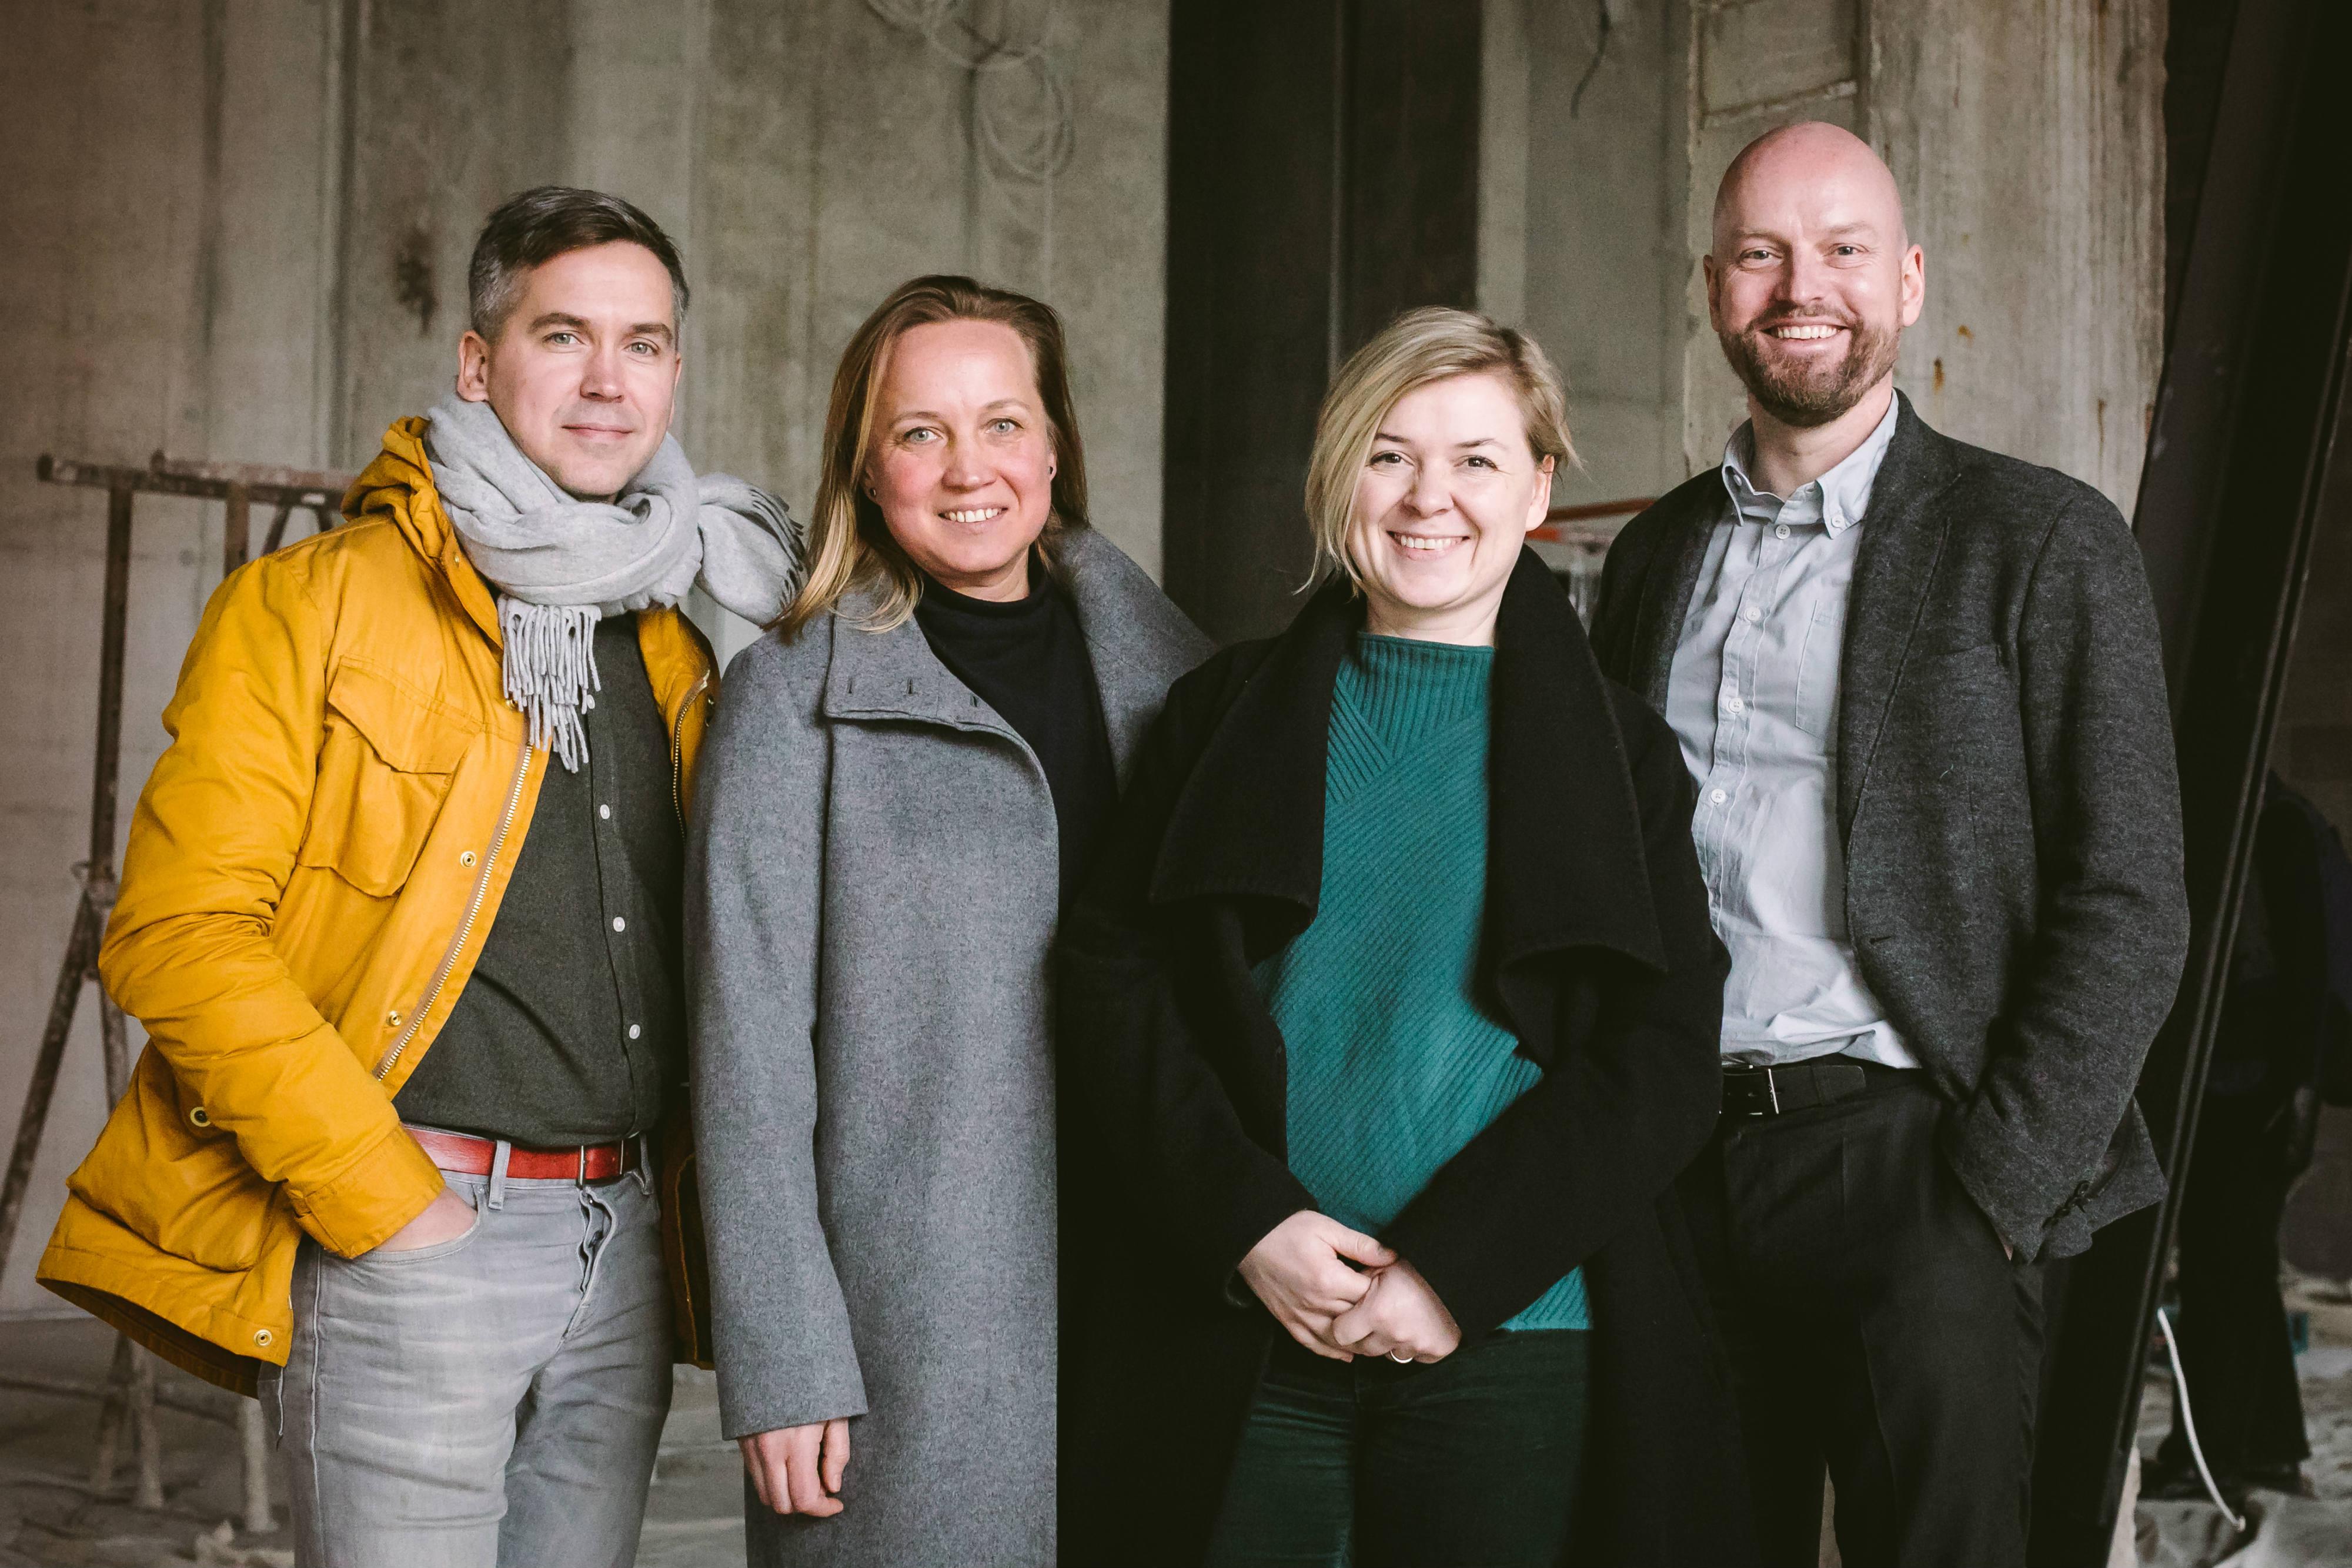 Fotografiska Tallinn asutajad (vasakult): Peeter Pihel, Margit Aasmäe, Maarja Loorents ja Rain Tamm. Foto: Tiina-Liina Uudam